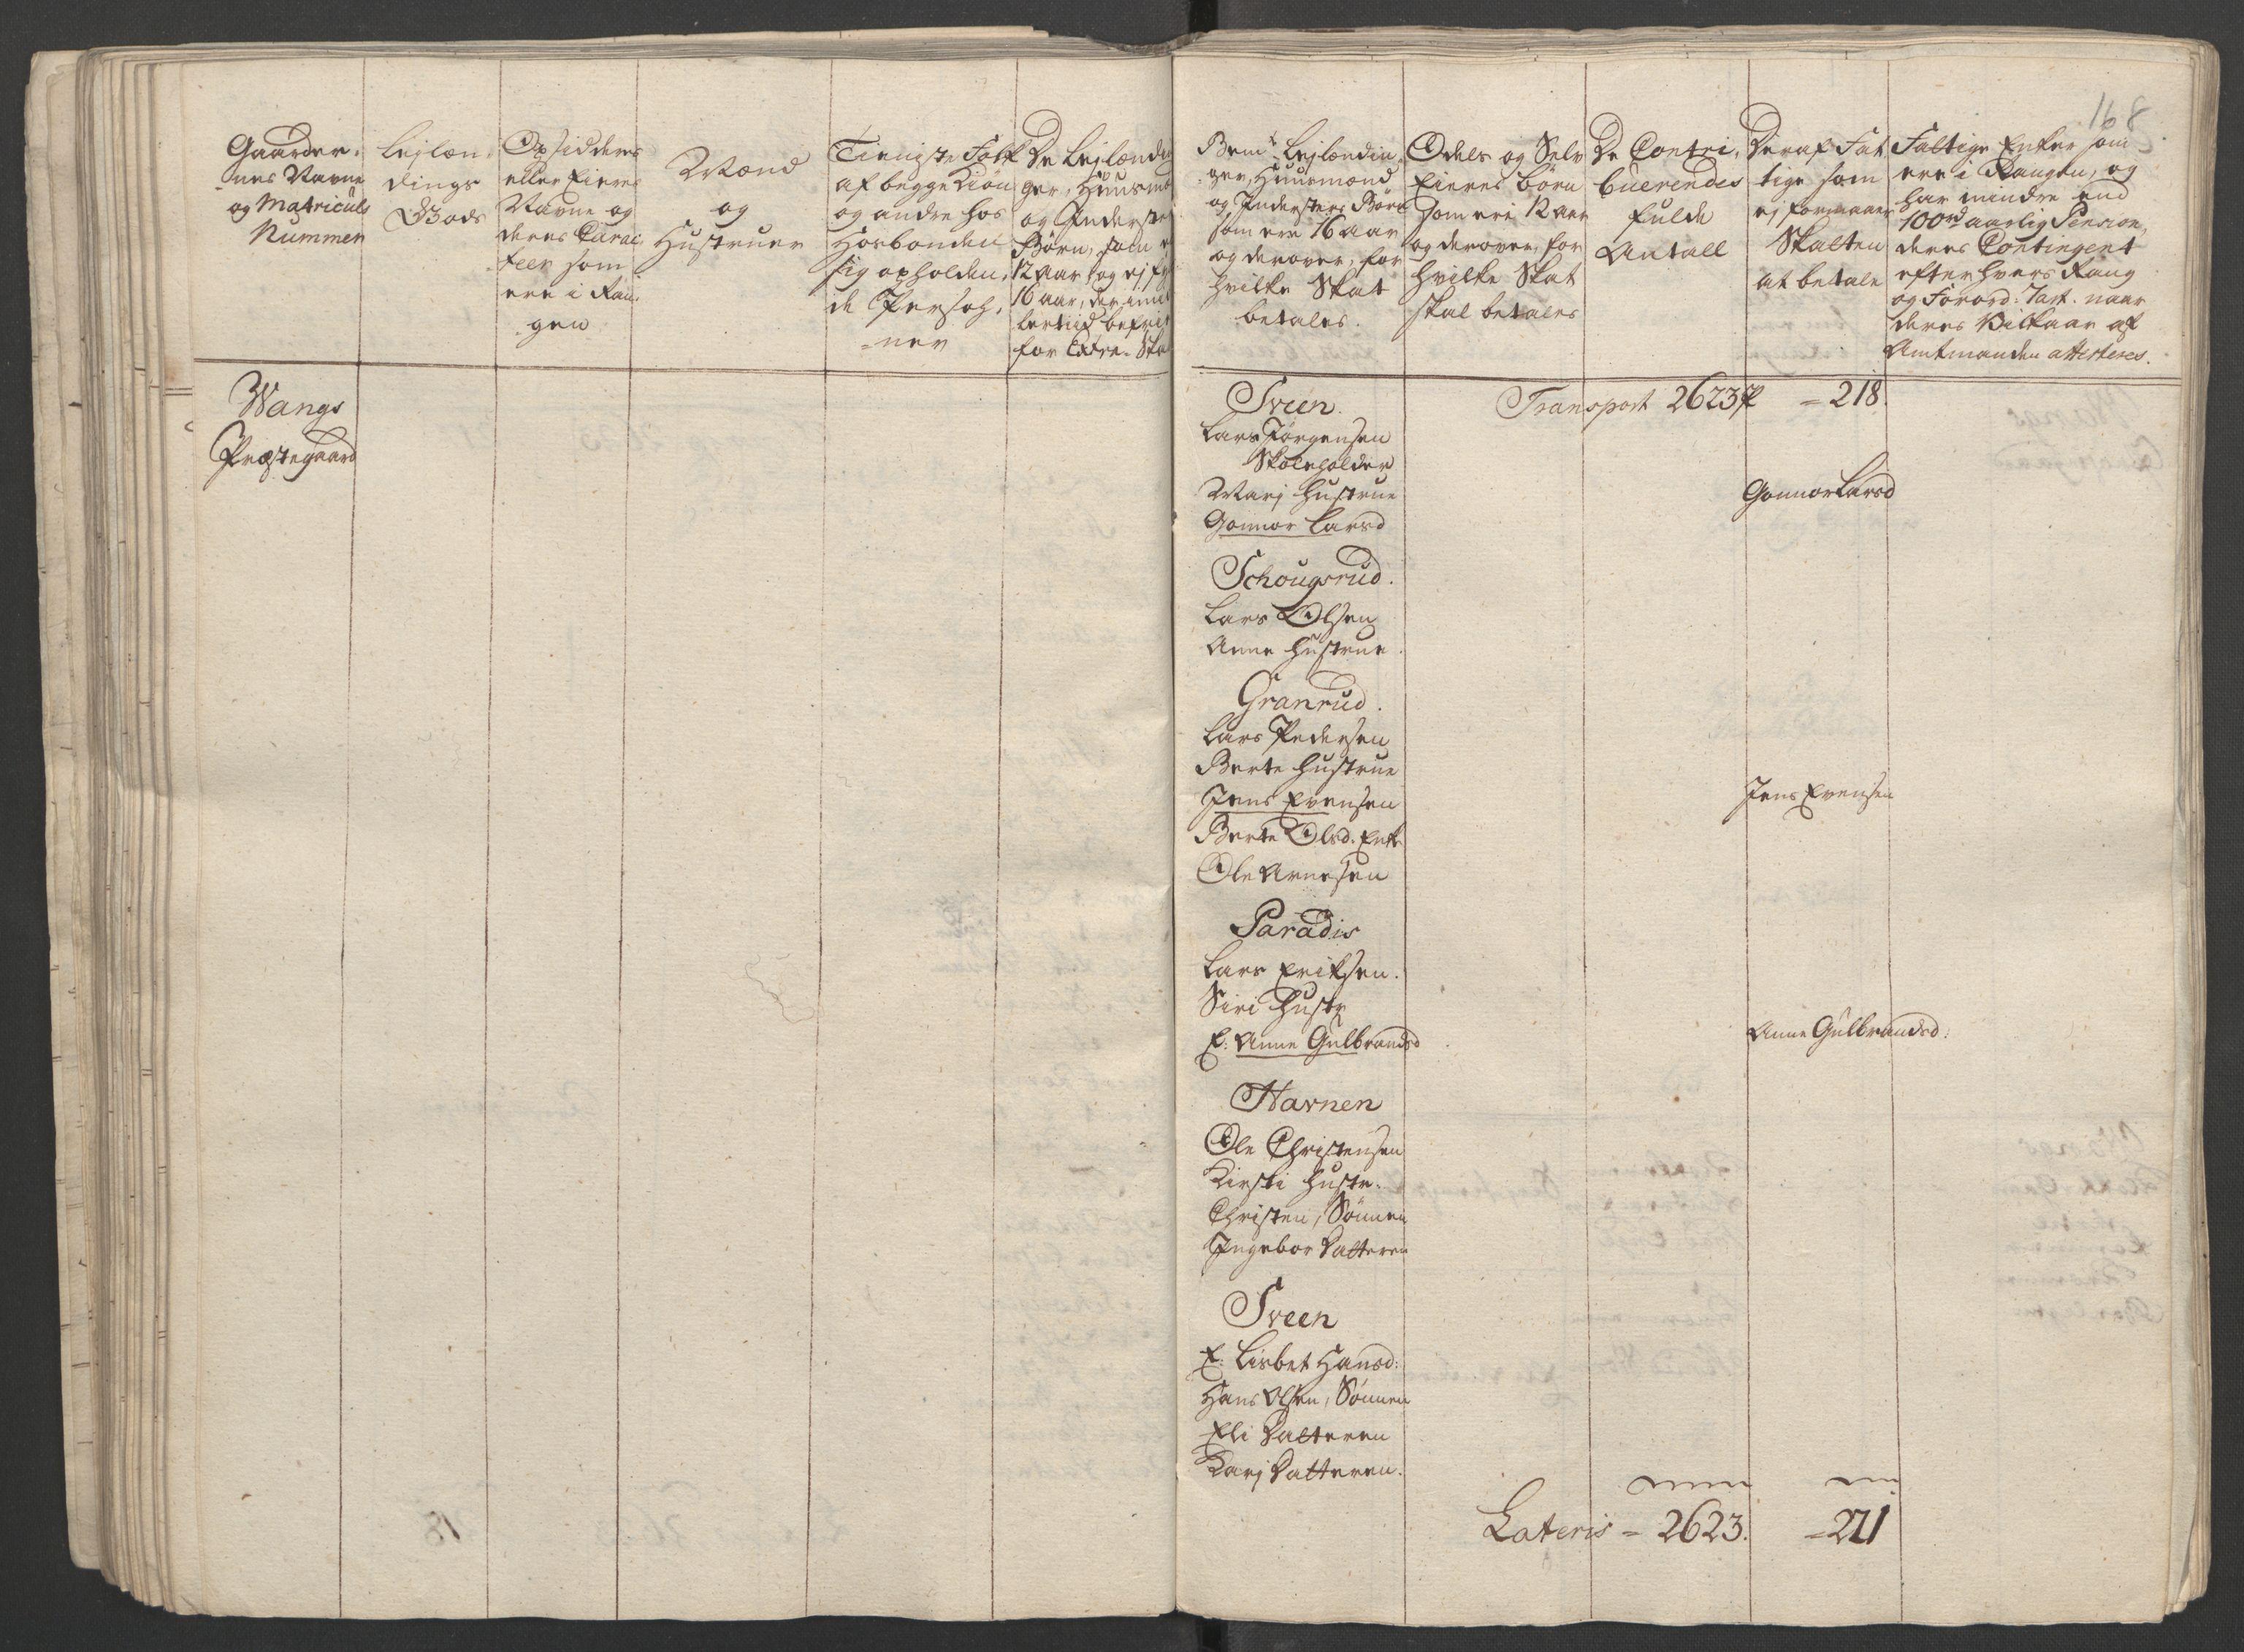 RA, Rentekammeret inntil 1814, Reviderte regnskaper, Fogderegnskap, R16/L1147: Ekstraskatten Hedmark, 1763-1764, s. 306